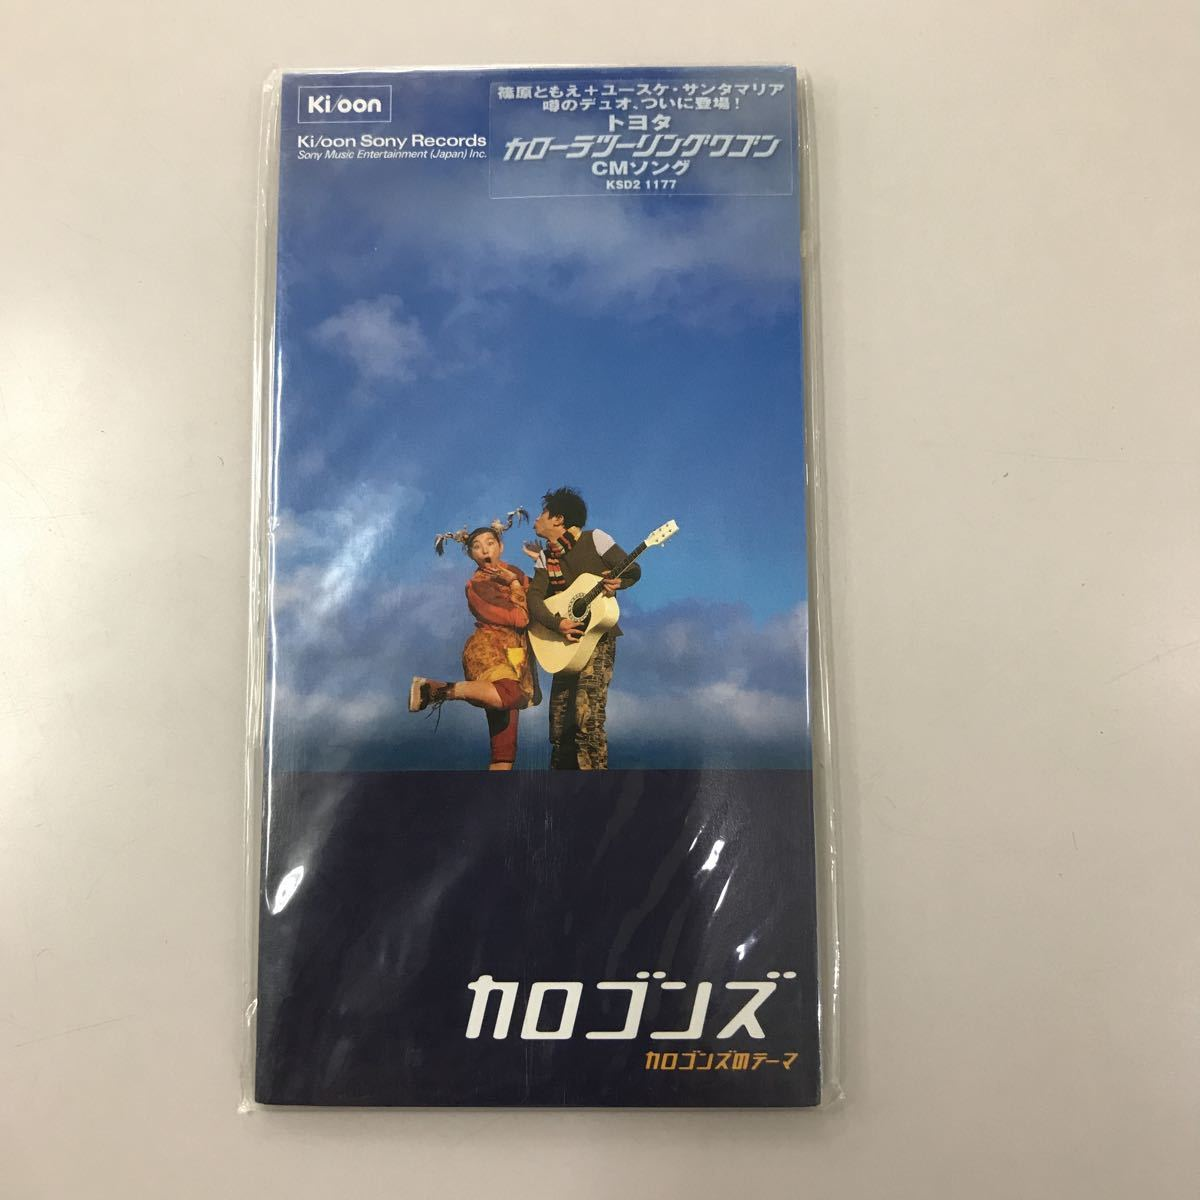 シングルCD 8センチ 中古【邦楽】長期保存品 カロゴンズ カロゴンズのテーマ